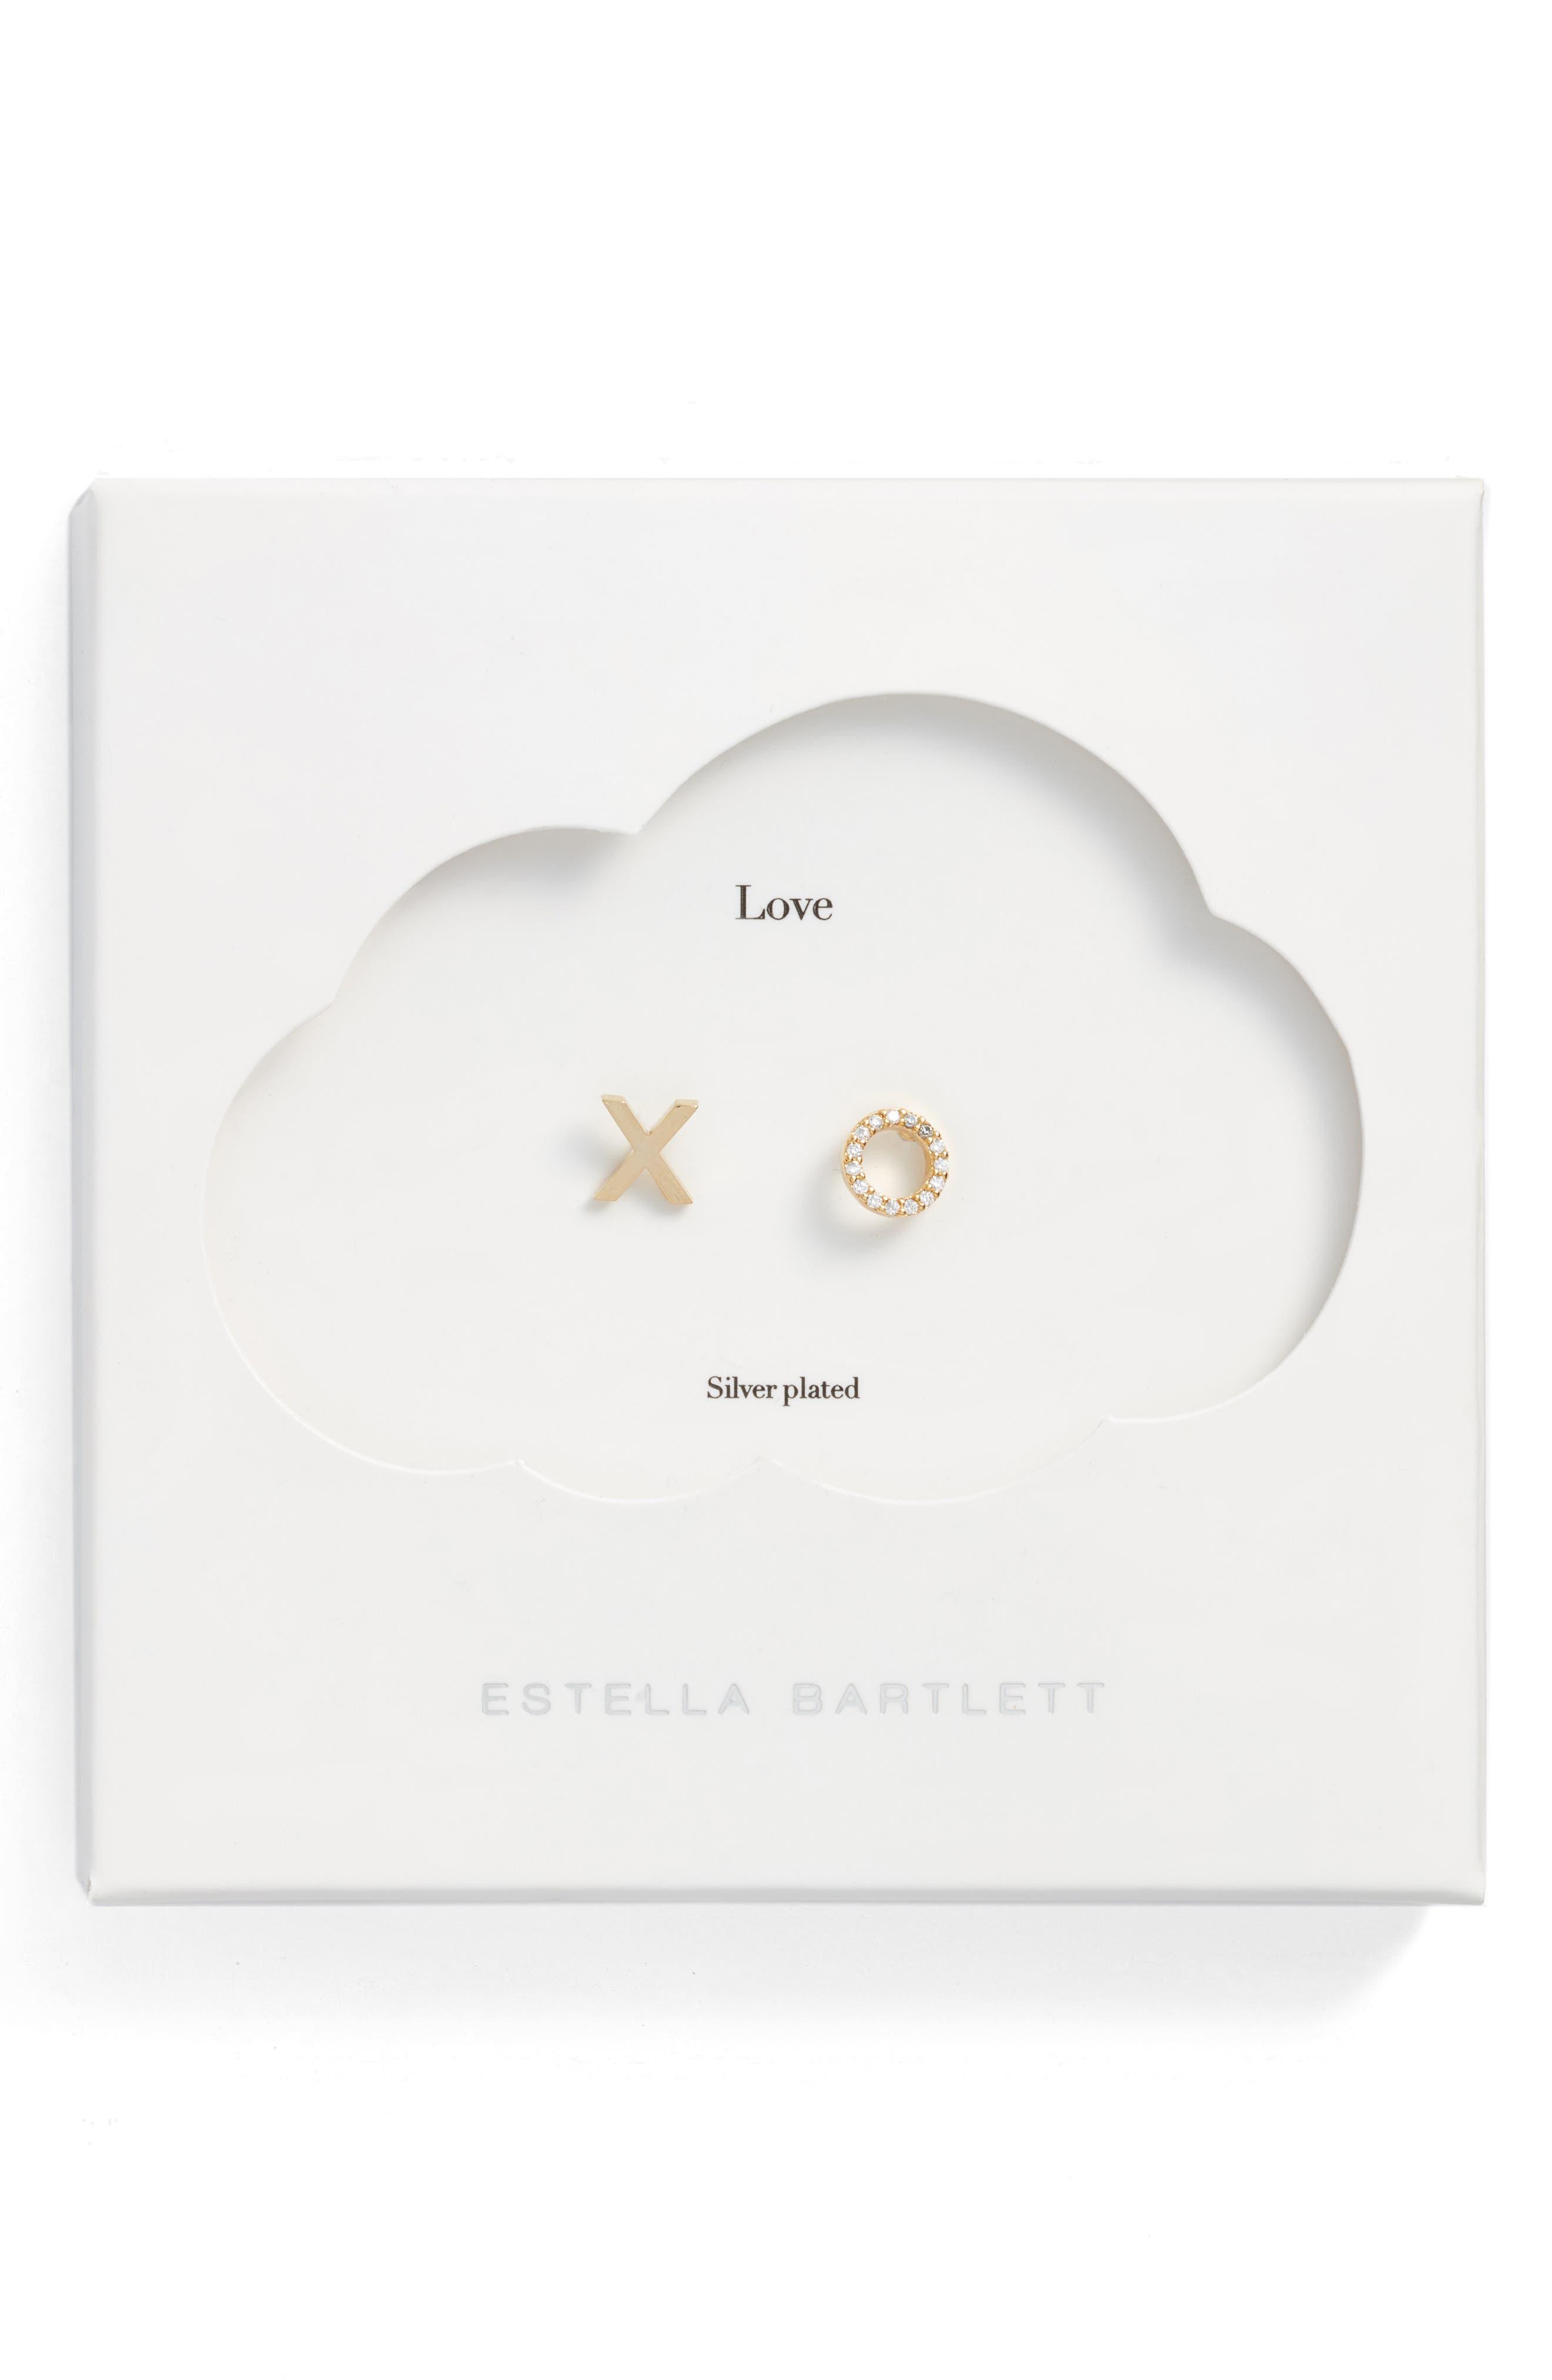 XO Stud Earrings,                             Main thumbnail 1, color,                             Gold